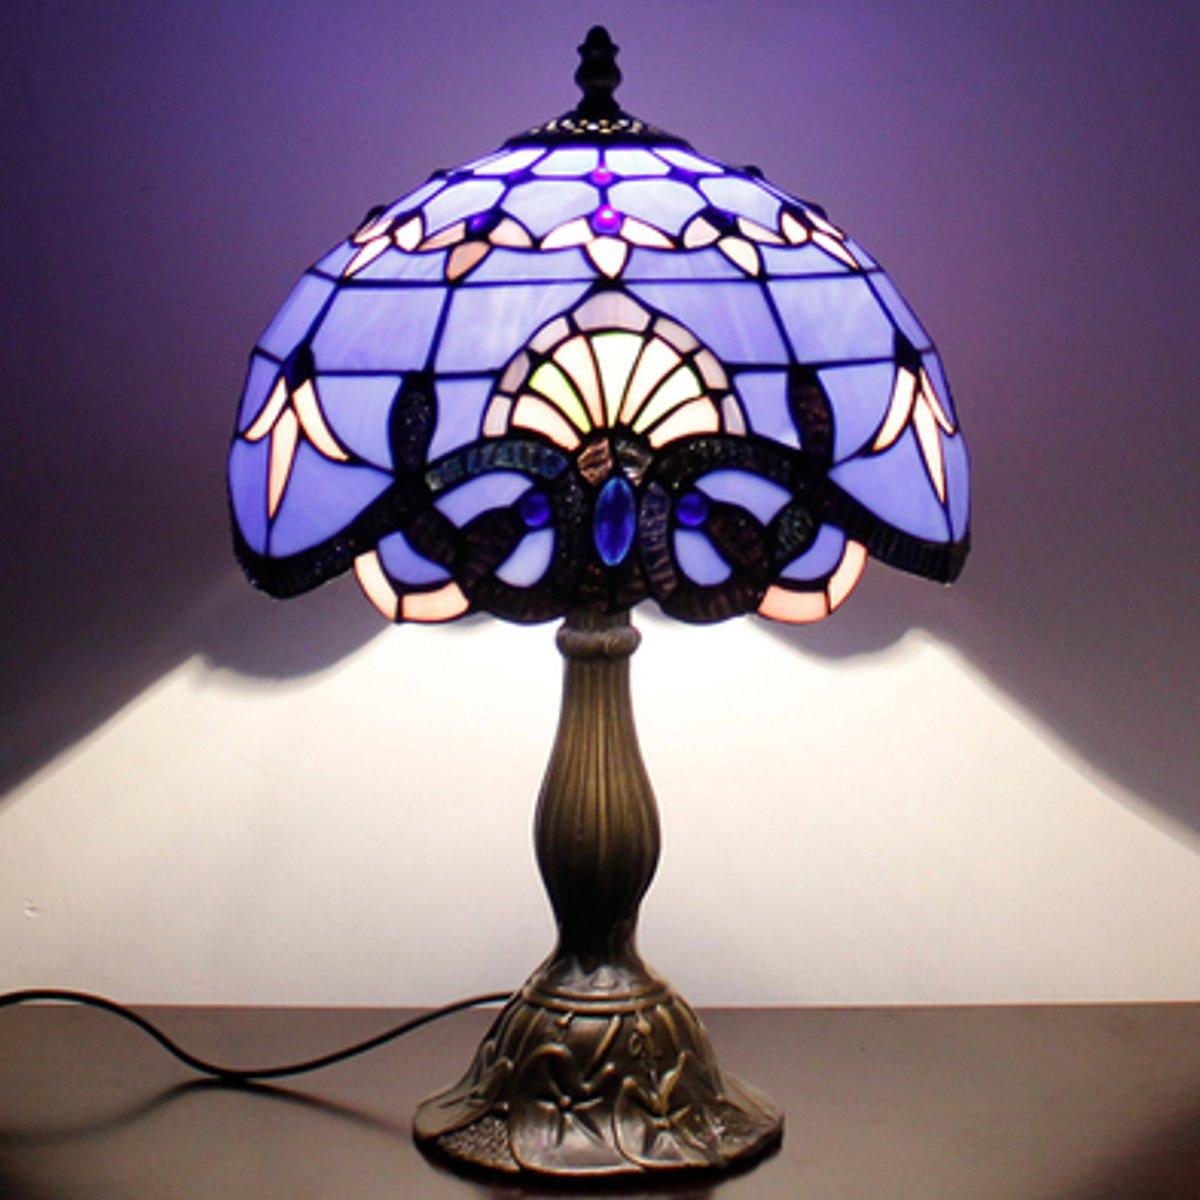 Acquista all'ingrosso Online lampada barocca da Grossisti lampada ...